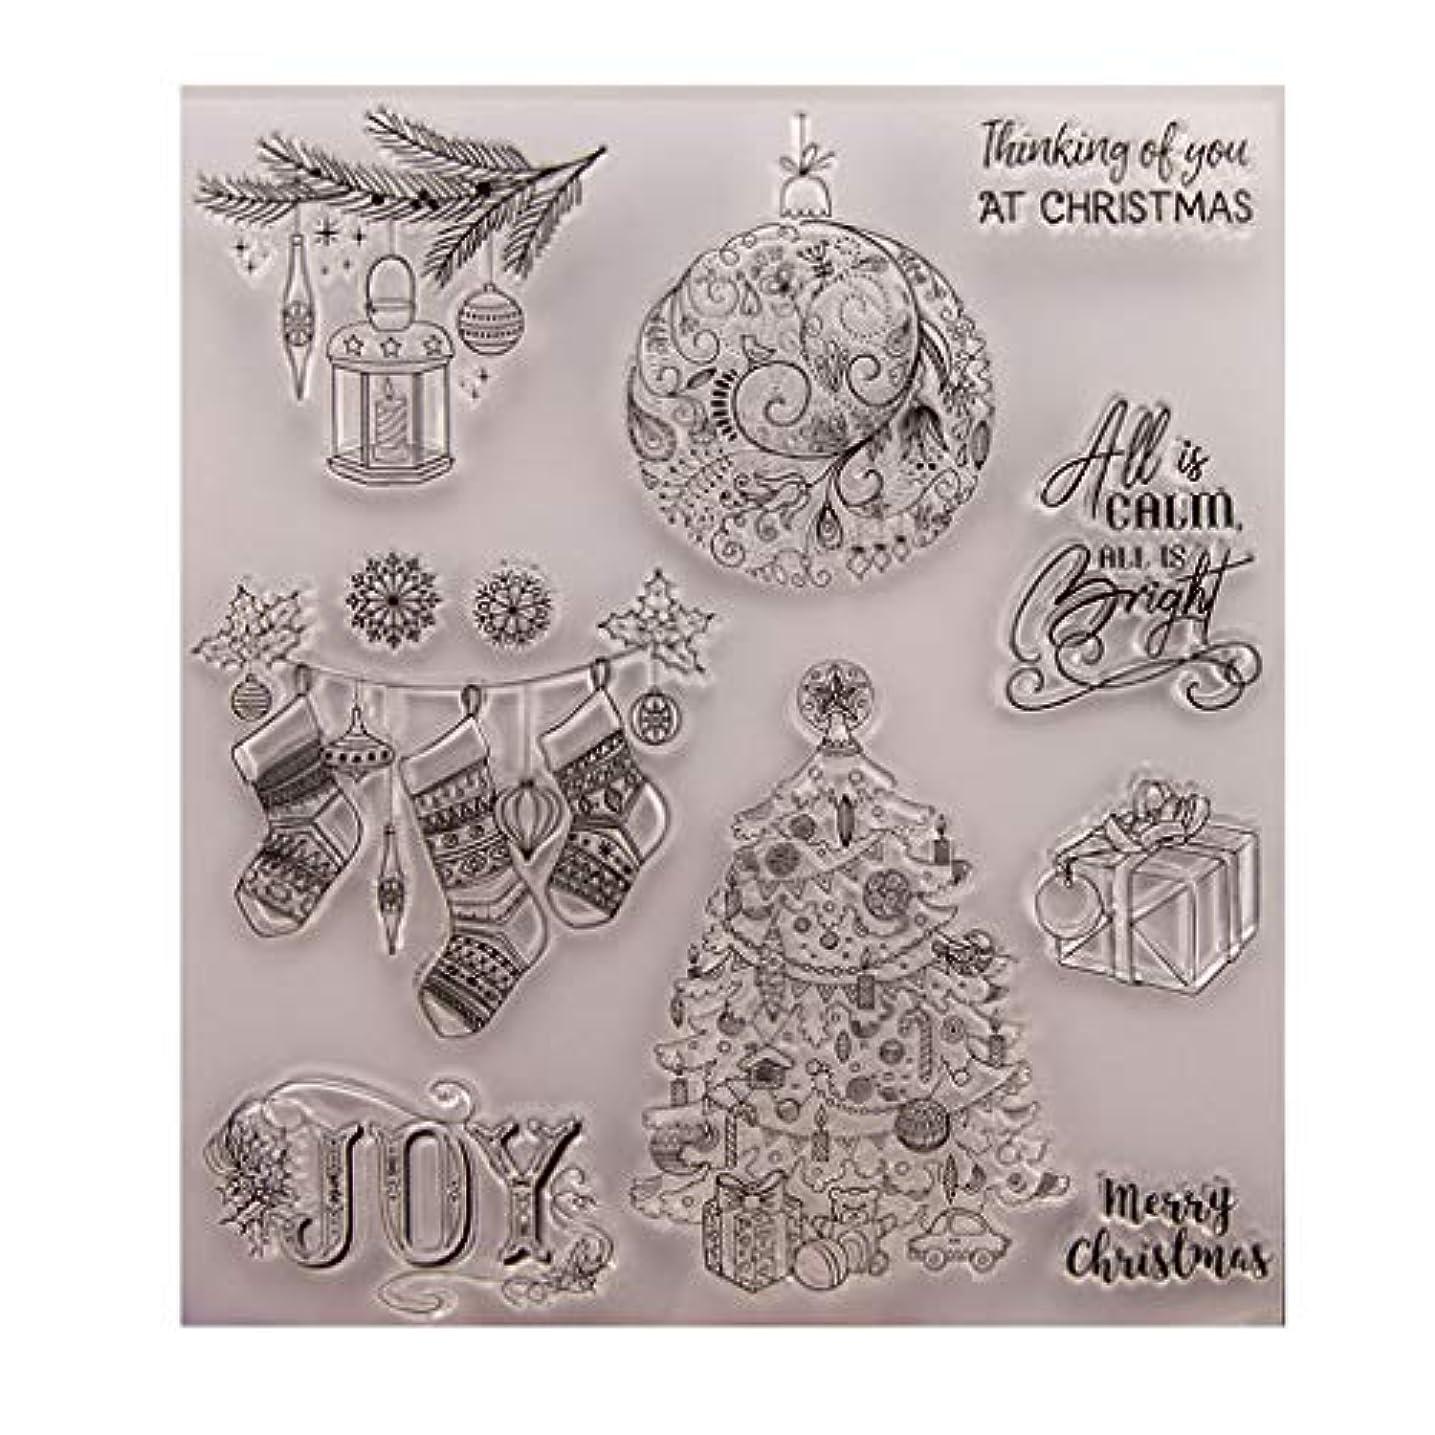 ヒント基準ここにBaoyouls クリスマスギフト、クリアスタンプ、透明クリエイティブバッジ画像ラバースタンプシールDIYアルバムクラフトスクラップブックデコレーション、カレンダー